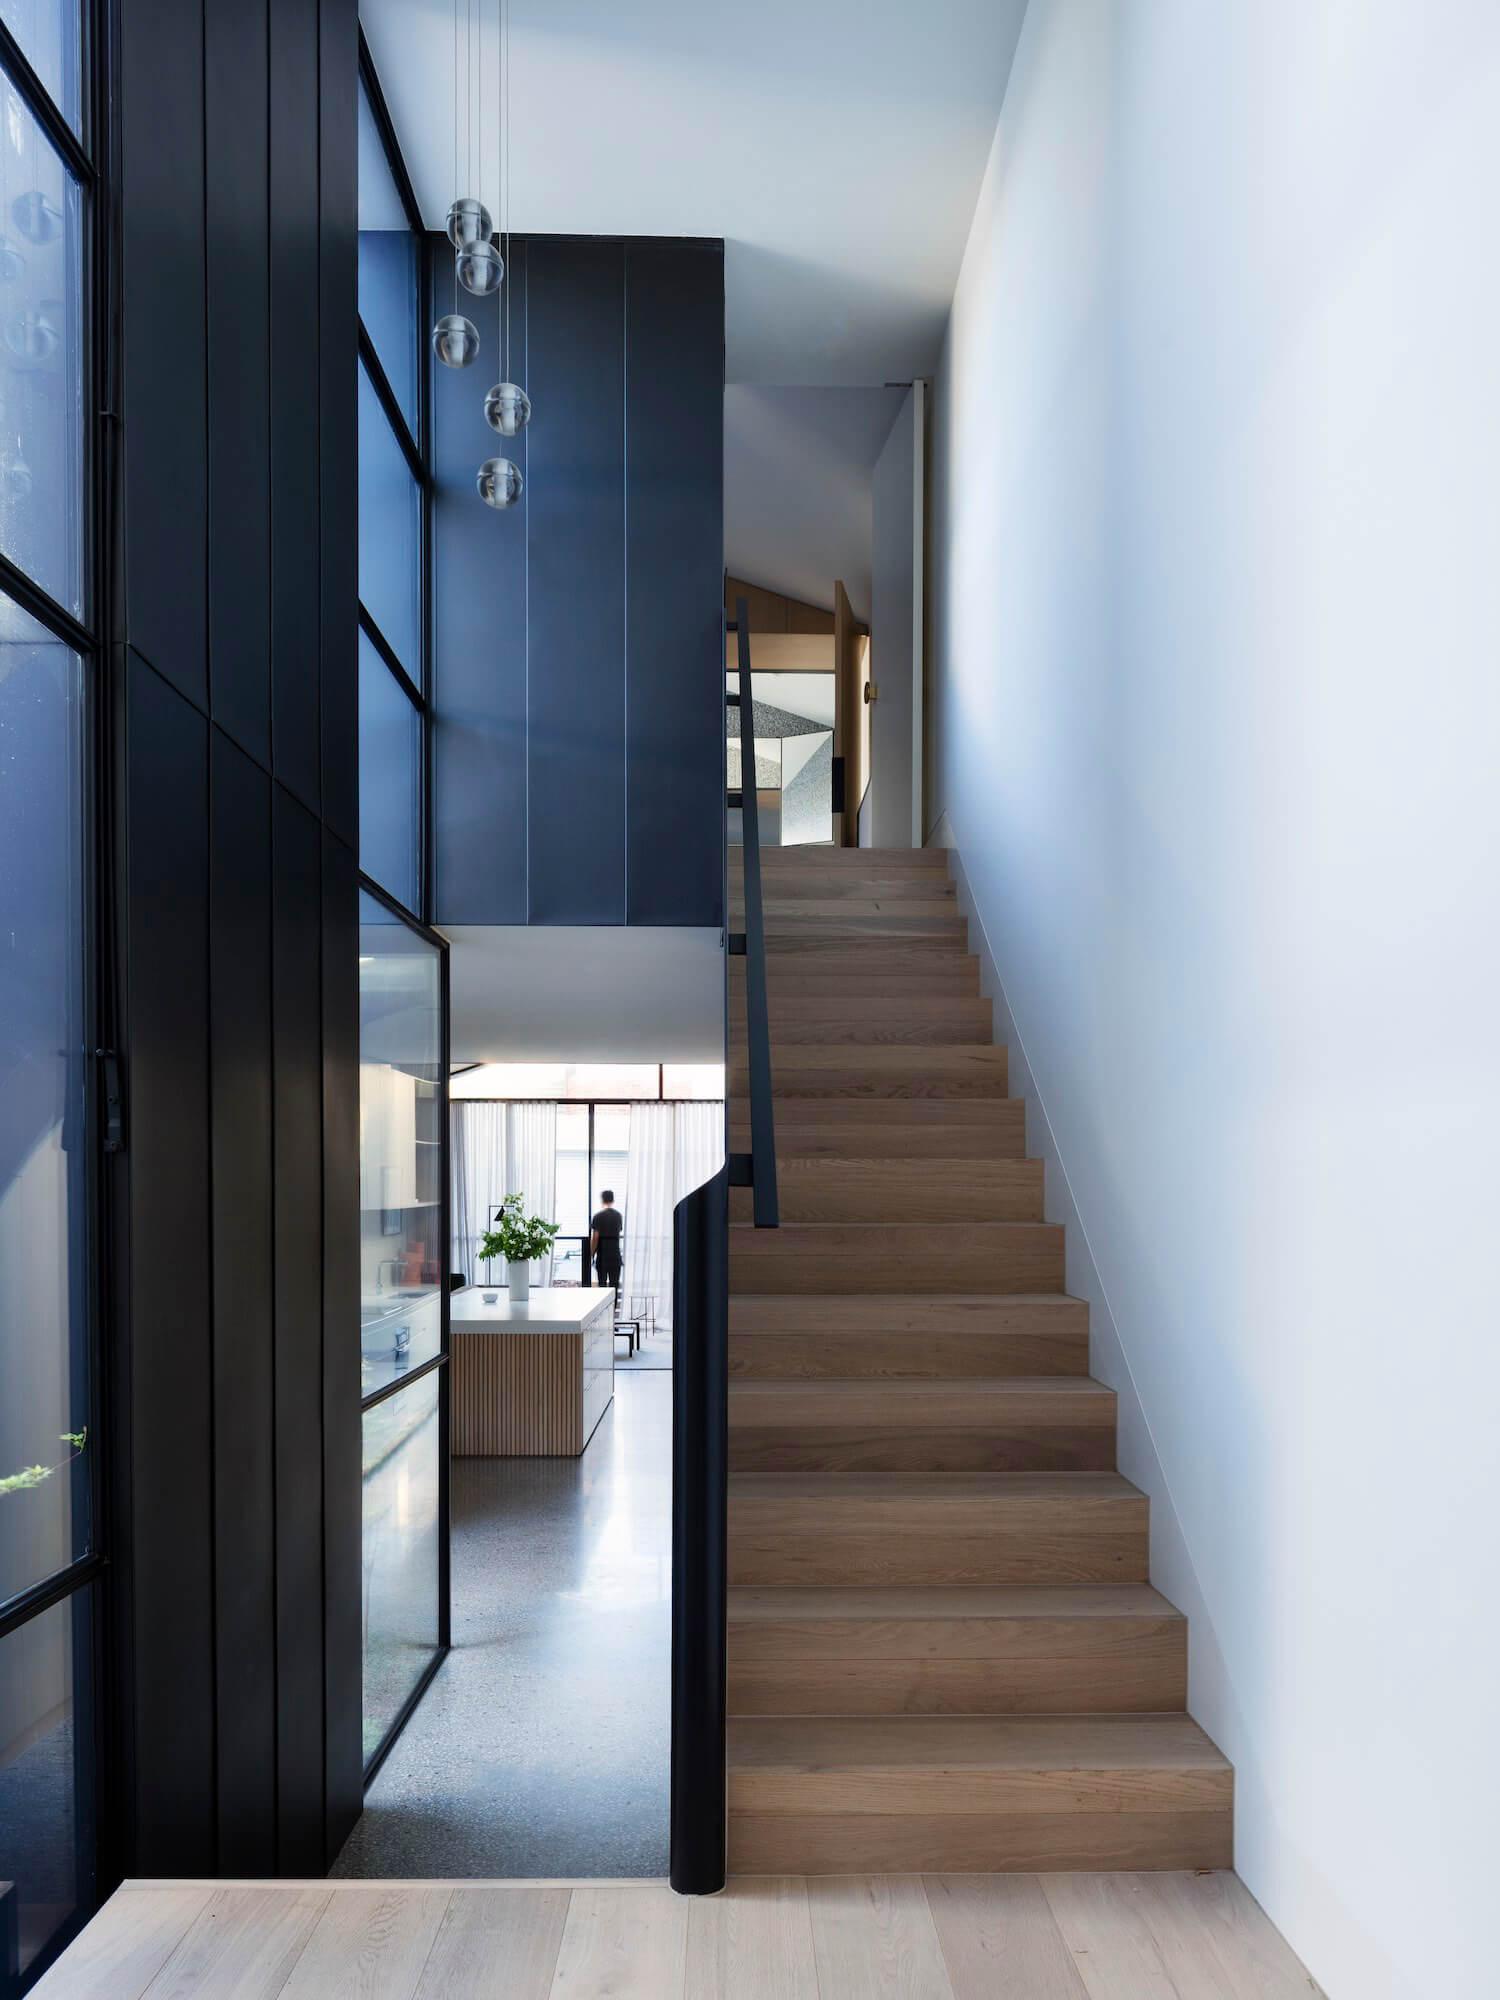 Est living port melbourne house pandolfini architects 10